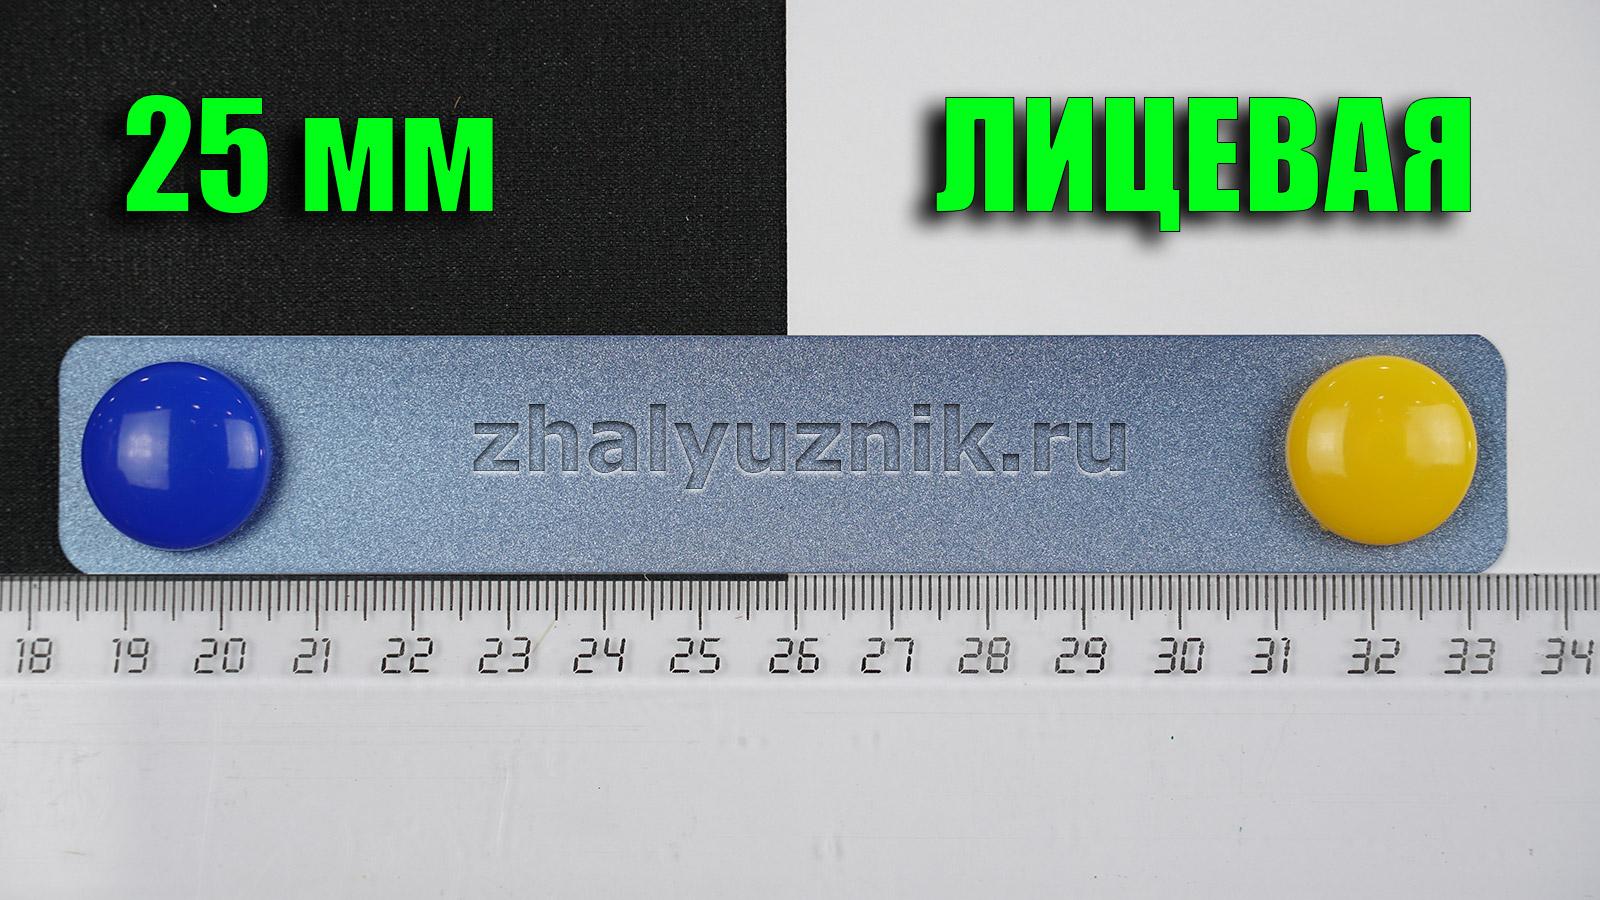 Горизонтальные жалюзи ИЗОТРА ХИТ-2 с ламелями-25 мм, цвет голубой, матовый металлик, артикул-491 (Интерсклад)